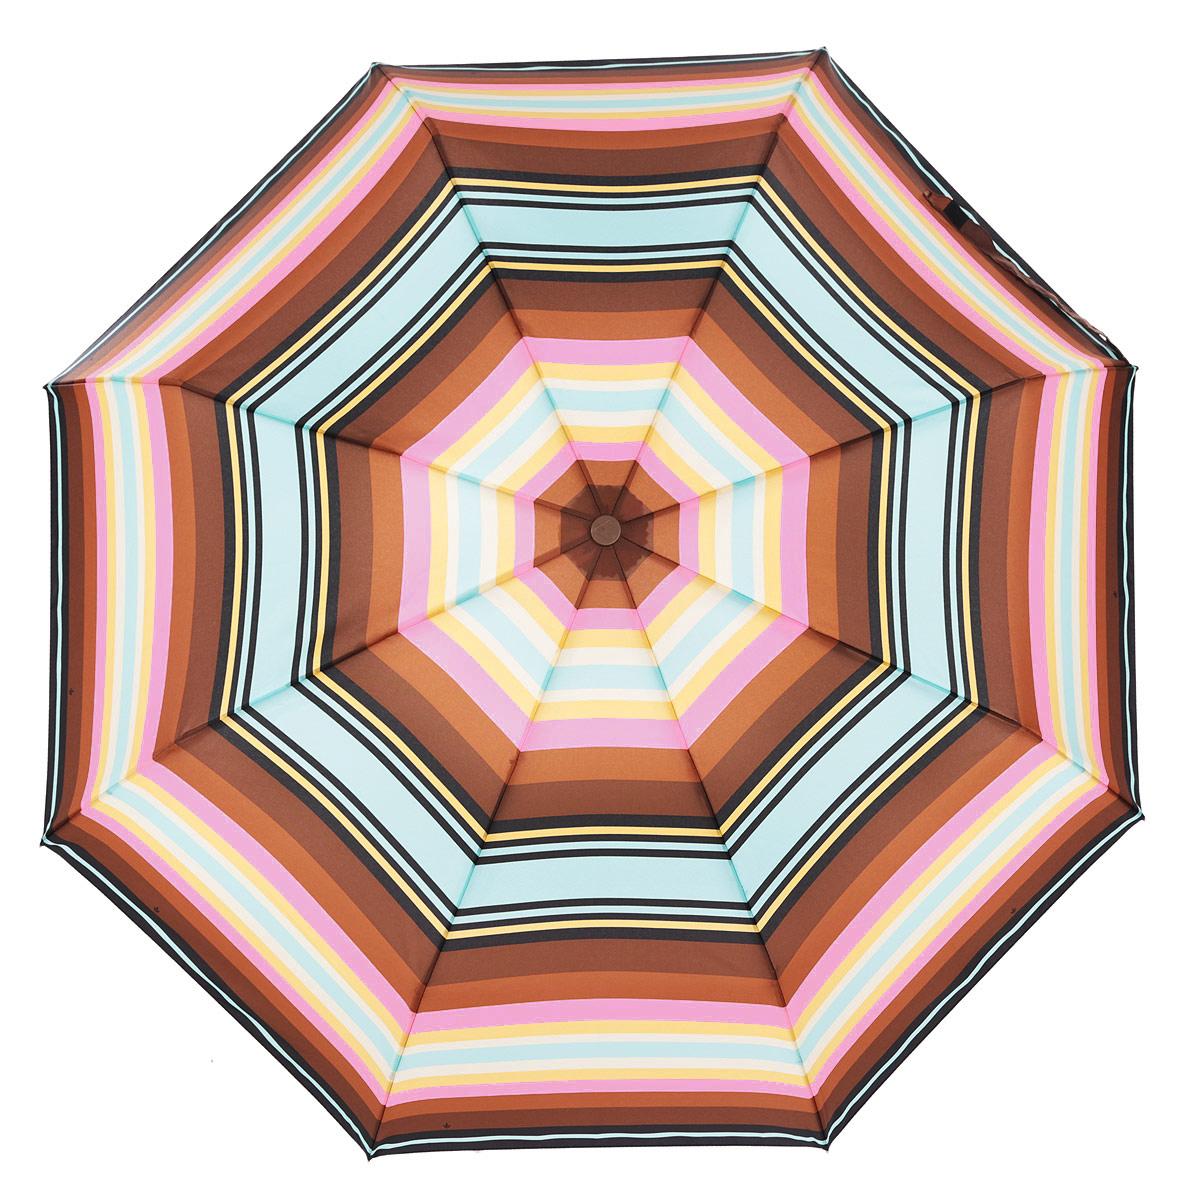 Зонт женский Fulton Rodeo Stripe, автомат, 3 сложения, цвет: коричневый, розовый, бежевый. R346-1416R346-1416Очаровательный автоматический зонт Rodeo Stripe в 3 сложения изготовлен из высокопрочных материалов. Каркас зонта состоит из 8 спиц и прочного алюминиевого стержня. Купол зонта выполнен из прочного полиэстера с водоотталкивающей пропиткой с изображением разноцветных полос. Рукоятка, разработанная с учетом требований эргономики, выполнена из пластика. Зонт имеет полный автоматический механизм сложения: купол открывается и закрывается нажатием кнопки на рукоятке, стержень складывается вручную до характерного щелчка. Благодаря этому открыть и закрыть зонт можно одной рукой, что чрезвычайно удобно при входе в транспорт или помещение. Небольшой шнурок, расположенный на рукоятке, позволяет надеть изделие на руку при необходимости. Модель закрывается при помощи хлястика на застежку-липучку. К зонту прилагается чехол. Прелестный зонт не только выручит вас в ненастную погоду, но и станет стильным аксессуаром, который прекрасно дополнит ваш модный образ.